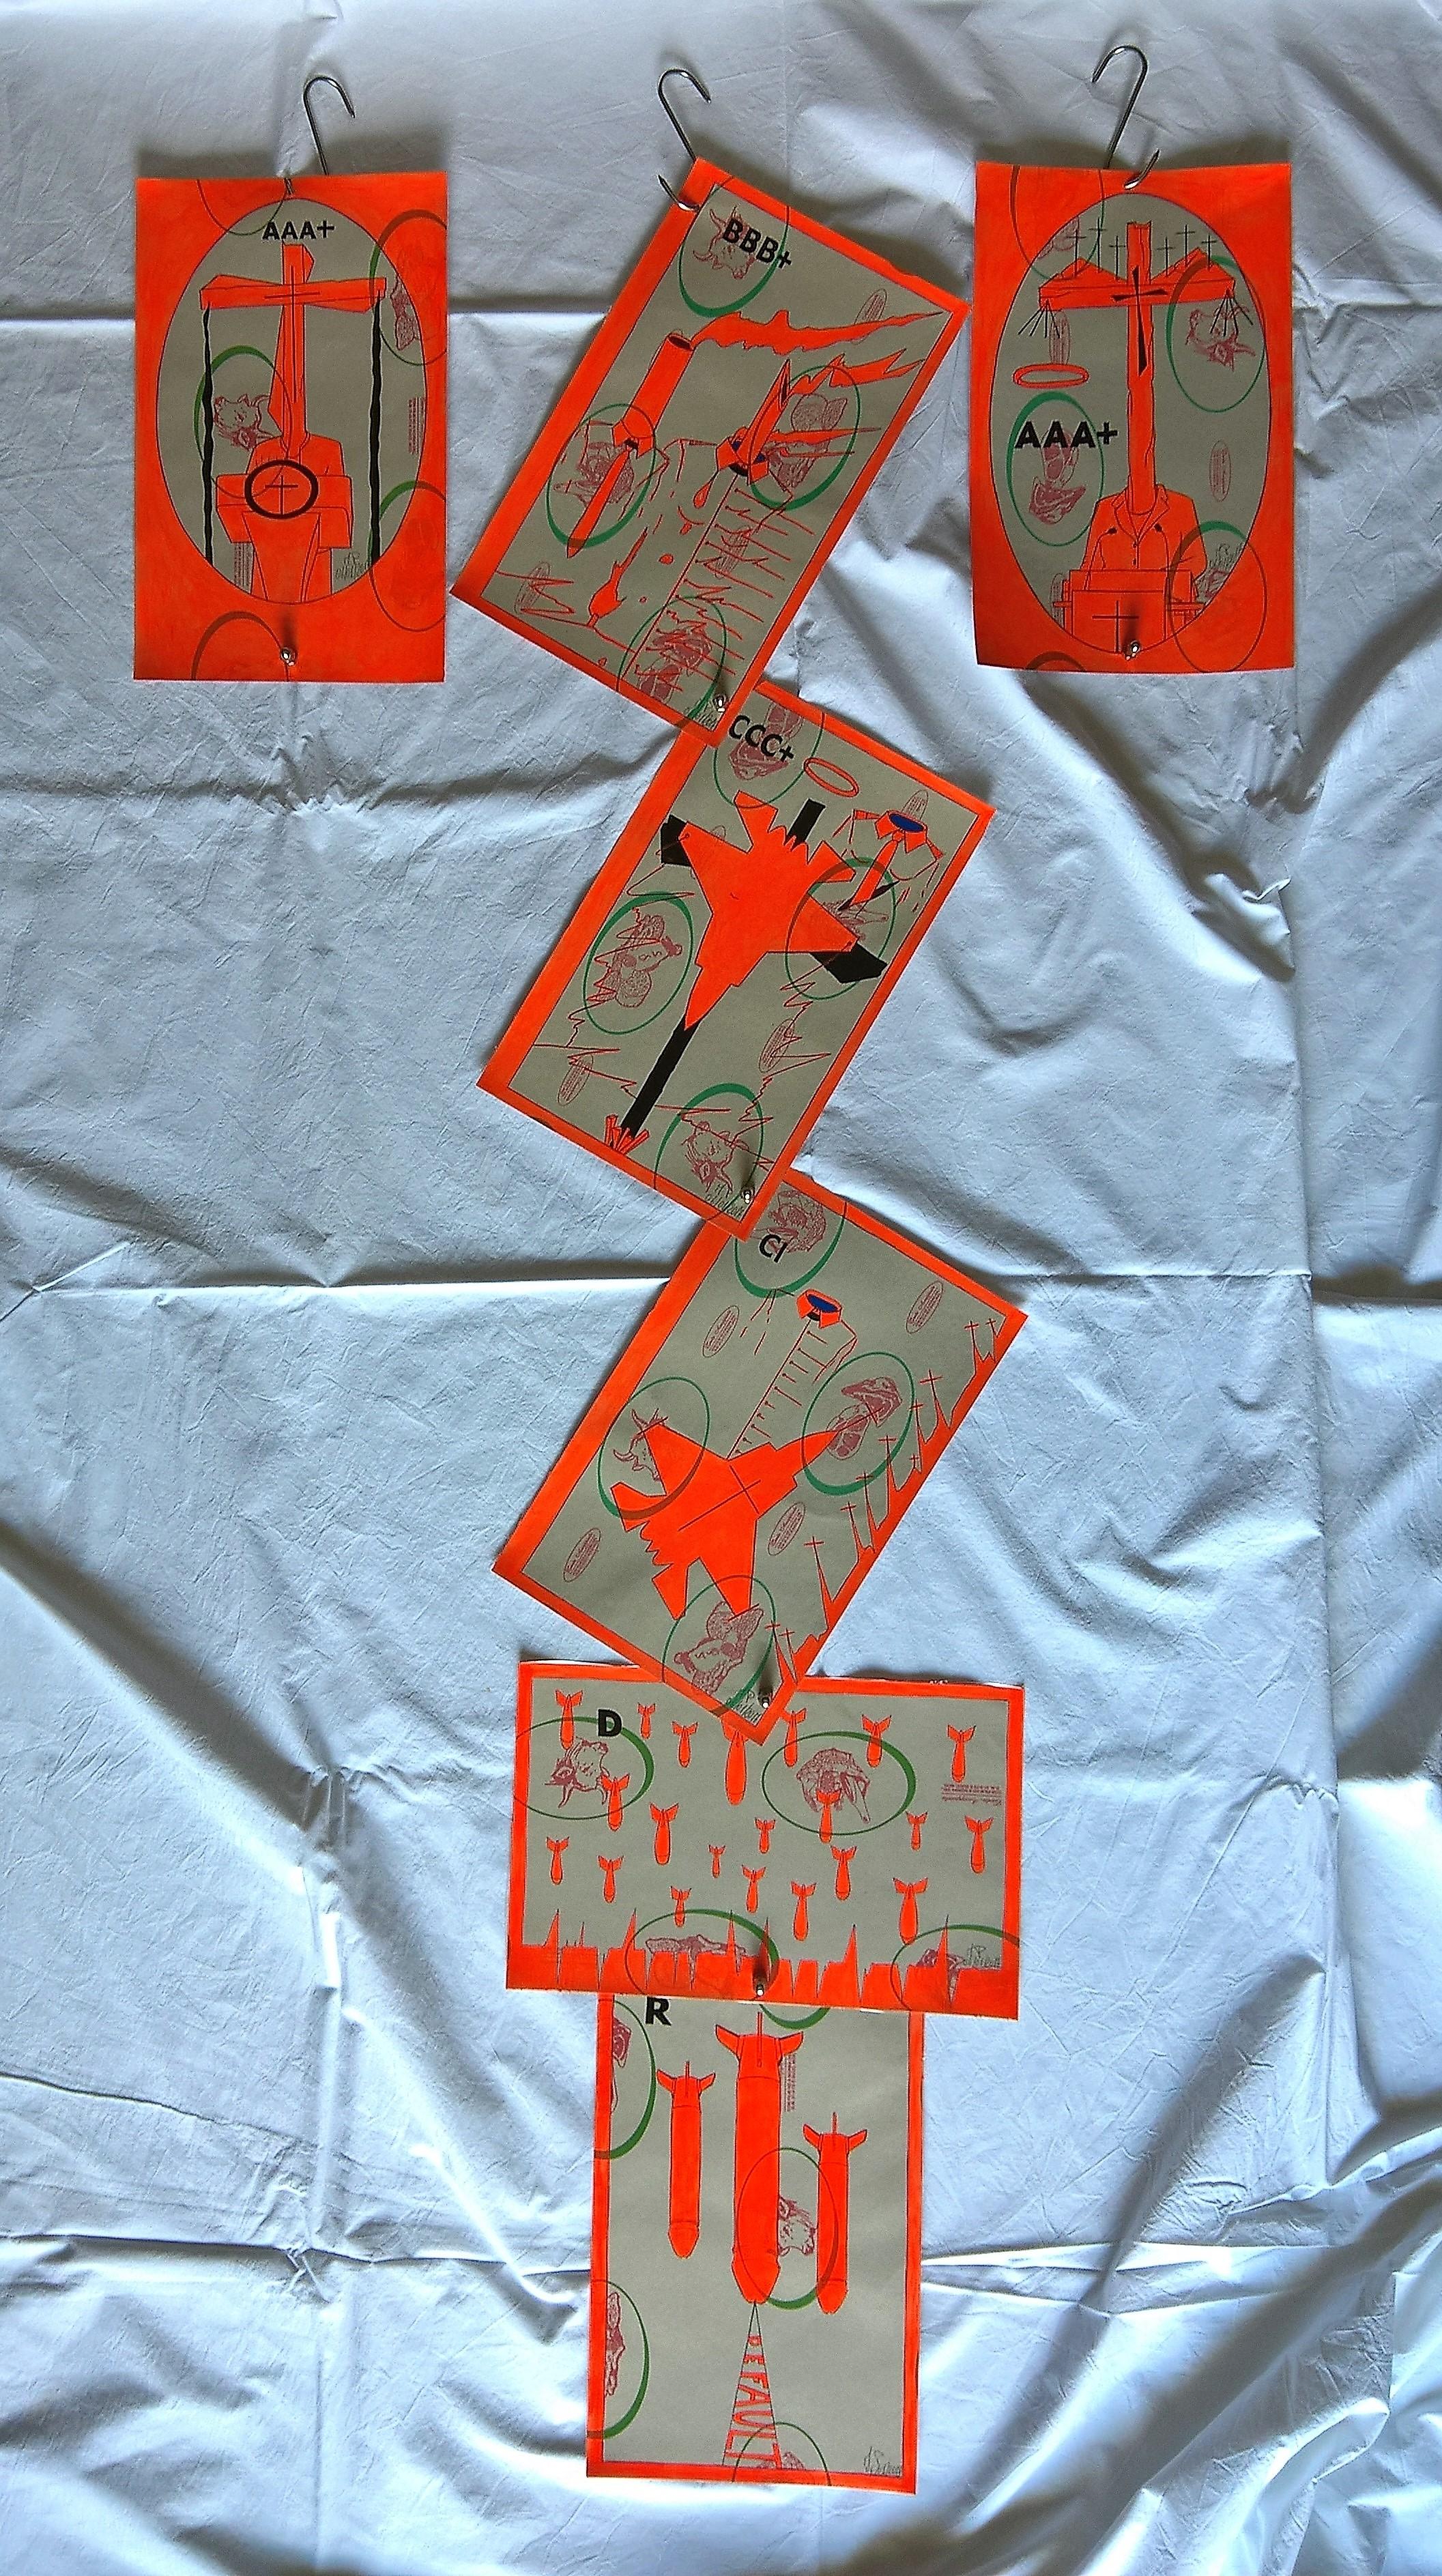 Crocifissione per Default.Disegni eseguiti con penna nera e rosso fluorescente su carta politenata (carta per alimenti usata in macelleria) successivamente plastificata. Biennale del libro d'artista 2017, Napoli. Pasquale Mastrogiacomo, Acerno (SA).